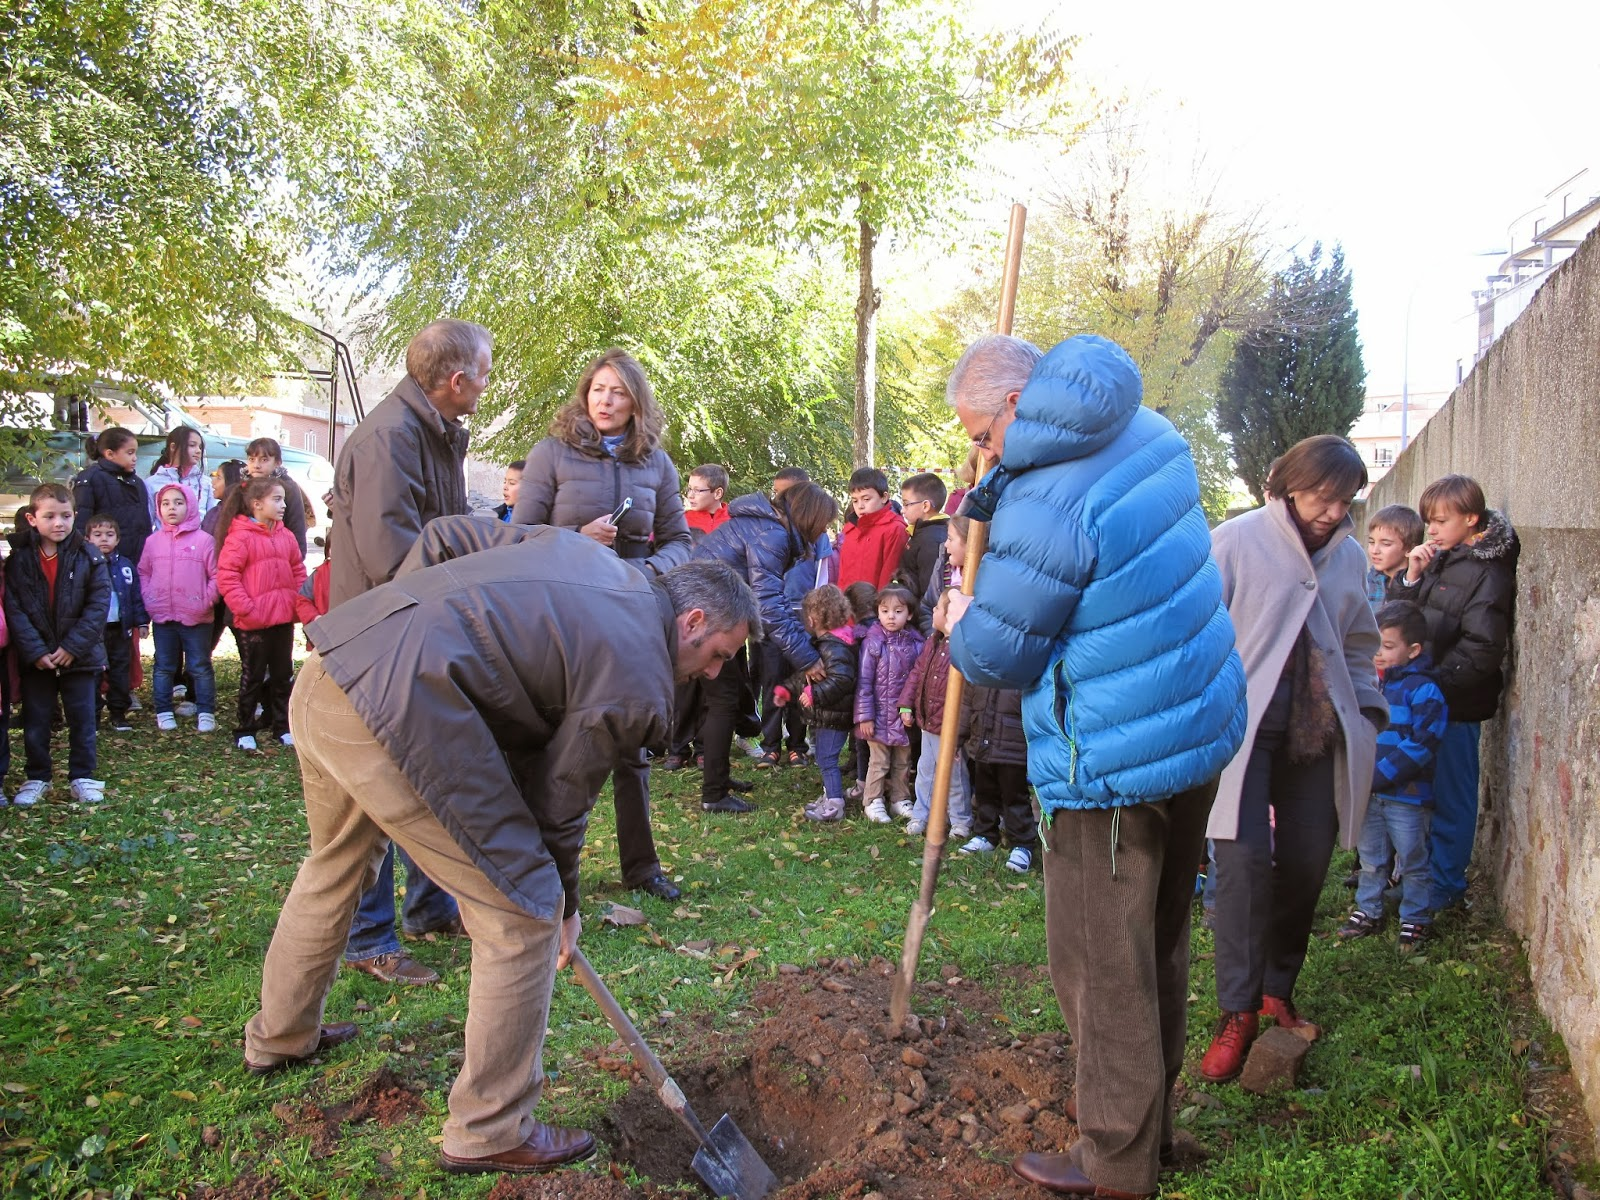 La Universidad de Salamanca pone en marcha un proyecto piloto de creación de una red de huertos escolares comunitarios